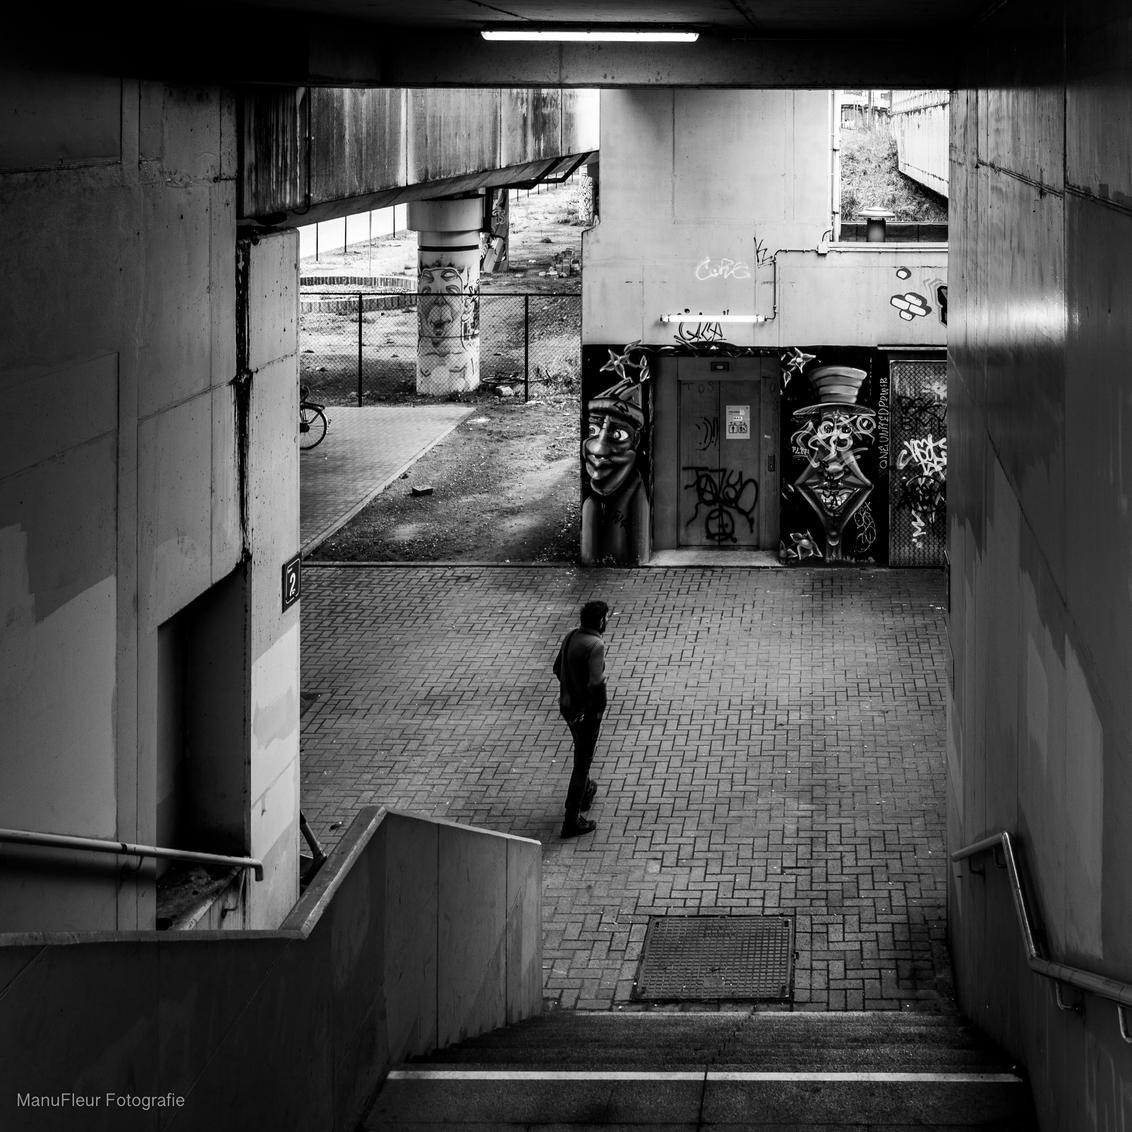 Street art Station - Station Luchtbal in Antwerpen is een station met weinig passage maar wel met een levendige street art scène - foto door Manufleur op 24-03-2021